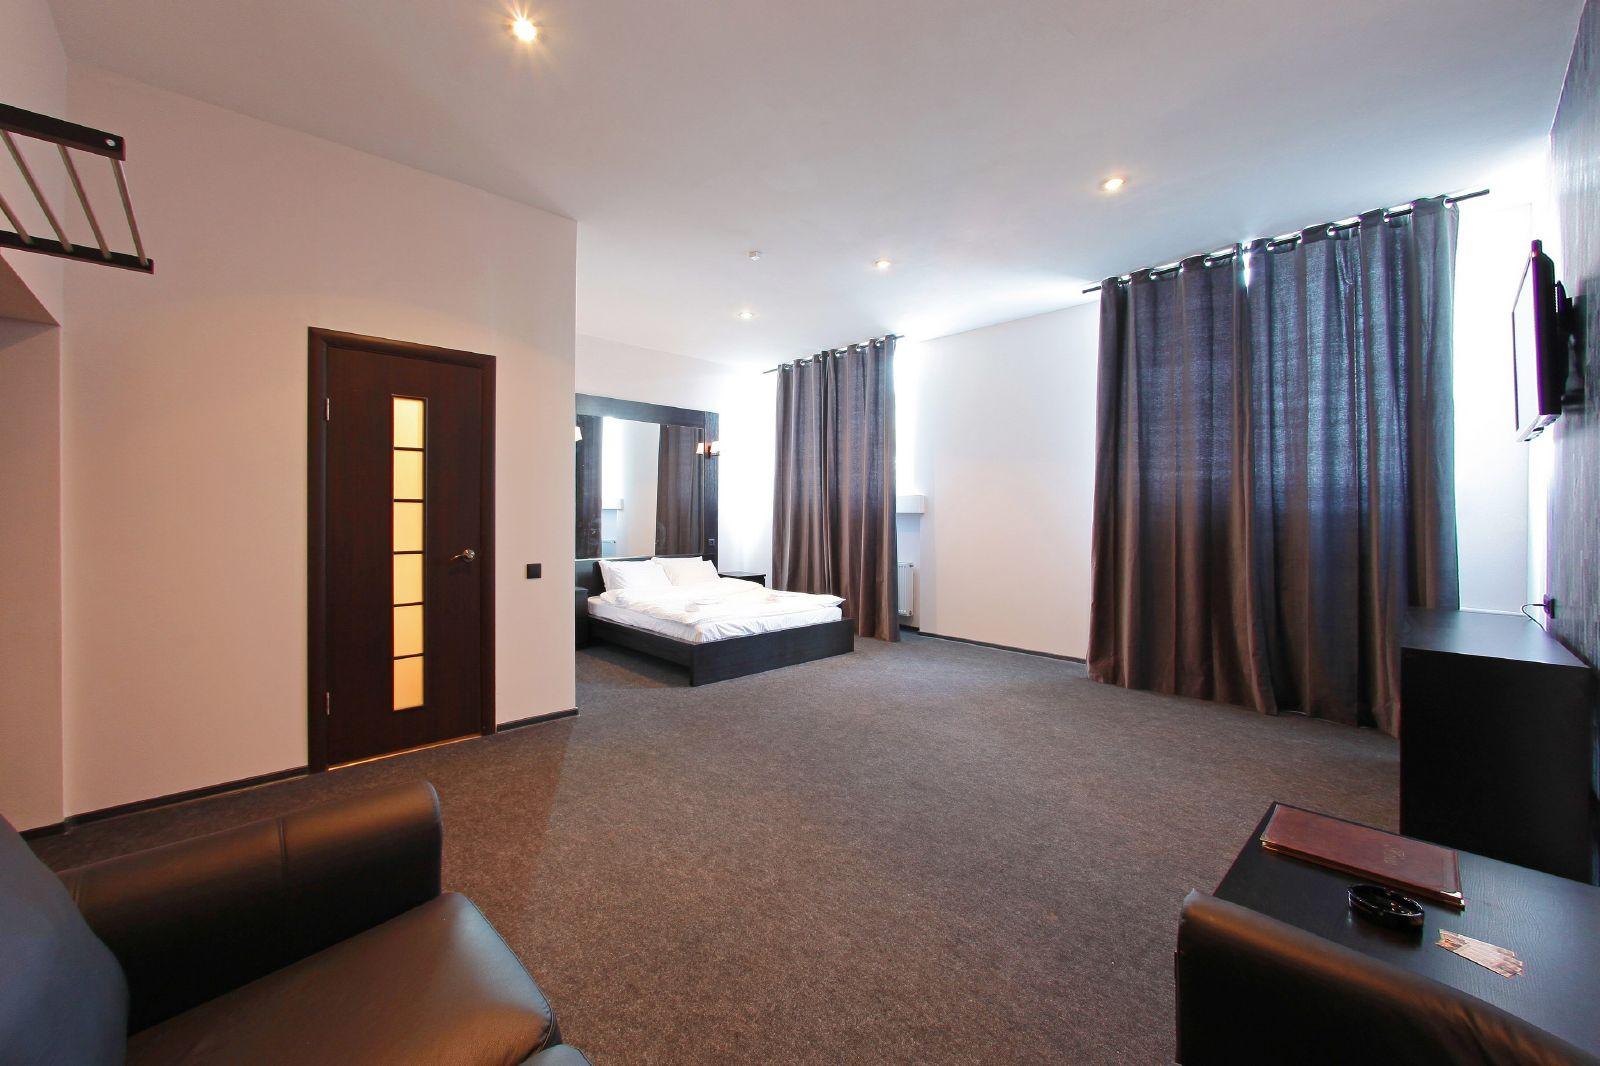 гостиница гранд белорусская отель